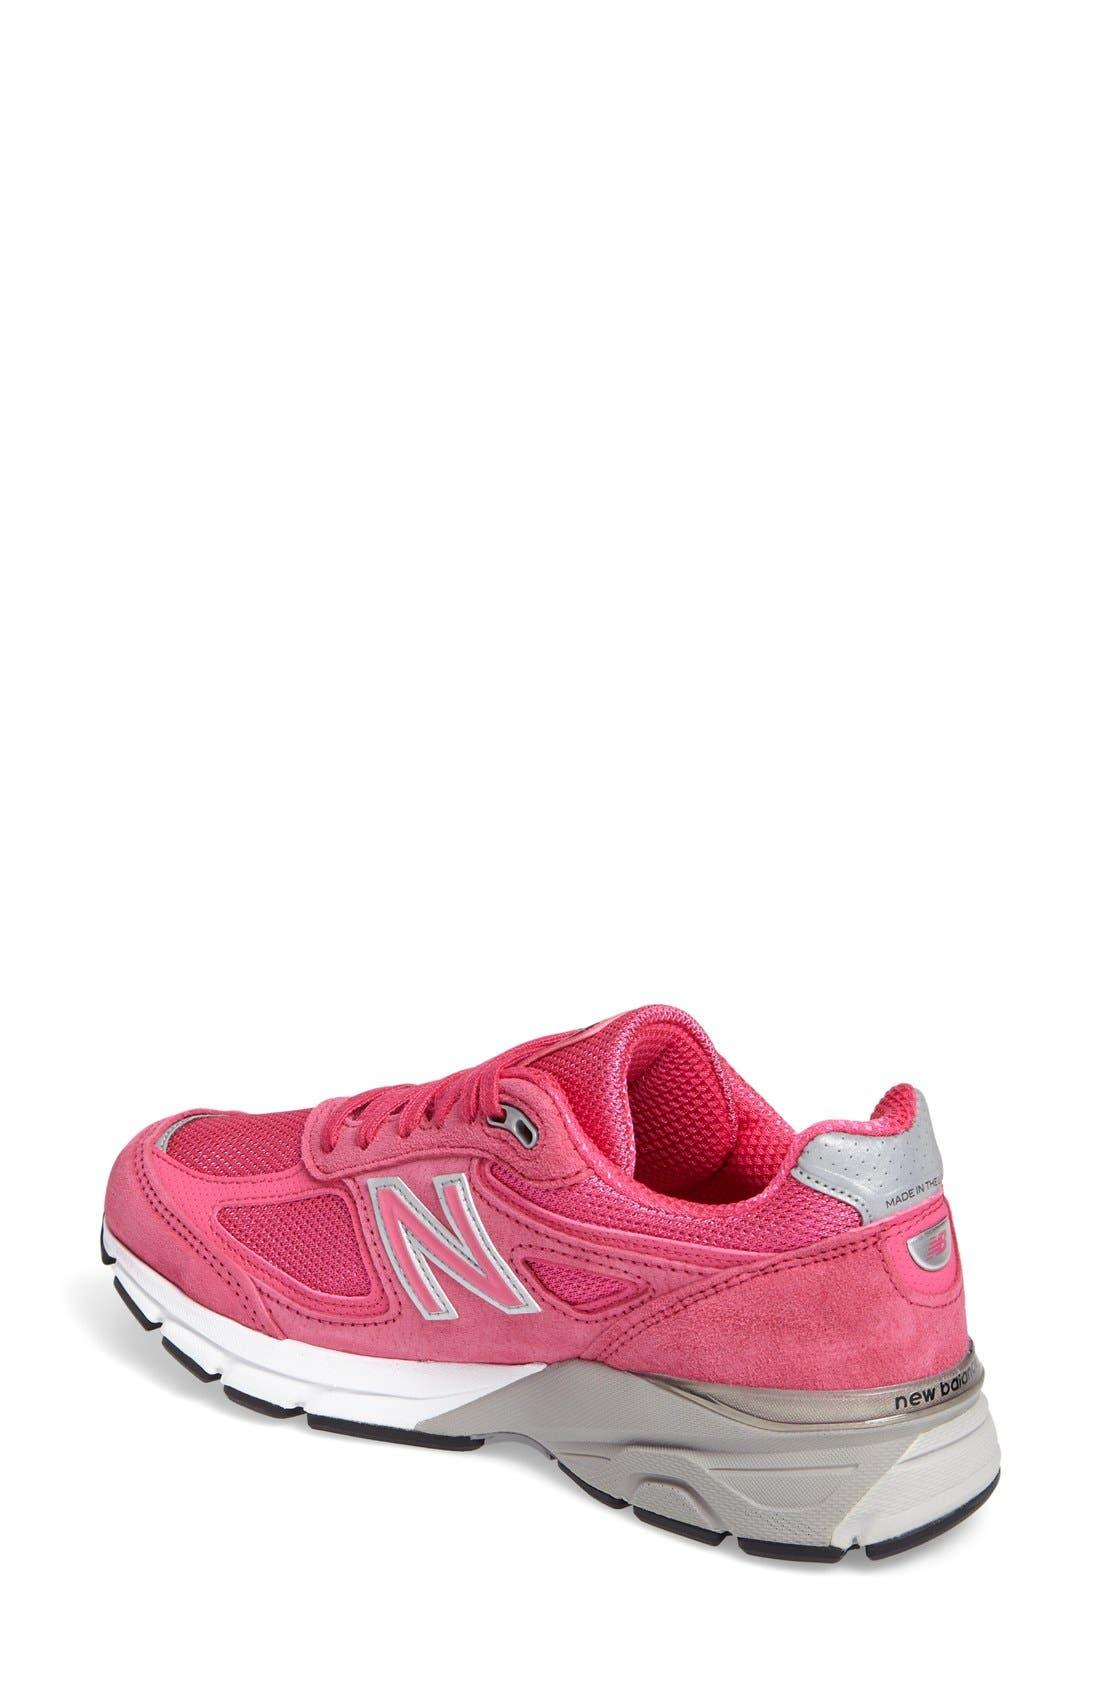 Alternate Image 2  - New Balance '990 Premium' Running Shoe (Women)